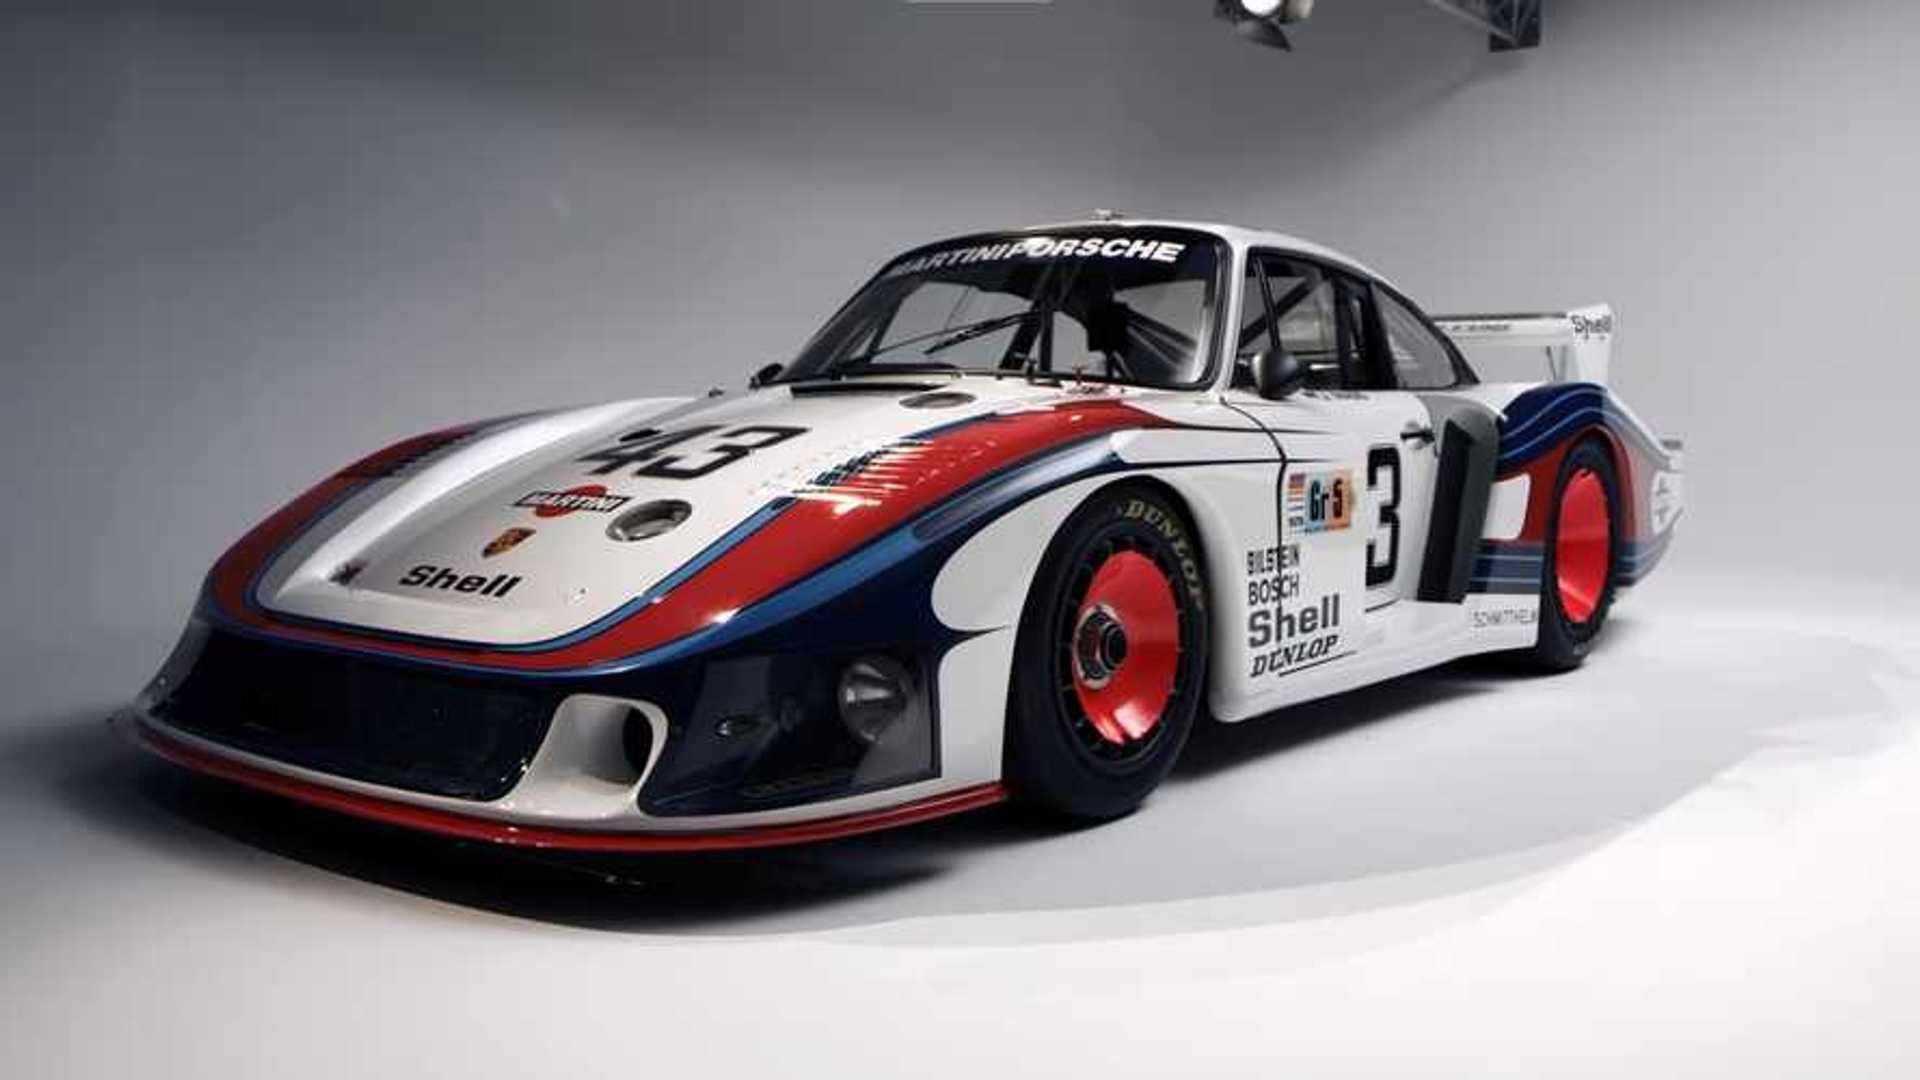 Porsche демонстрирует и рассказывает о своем гоночном автомобиле 935